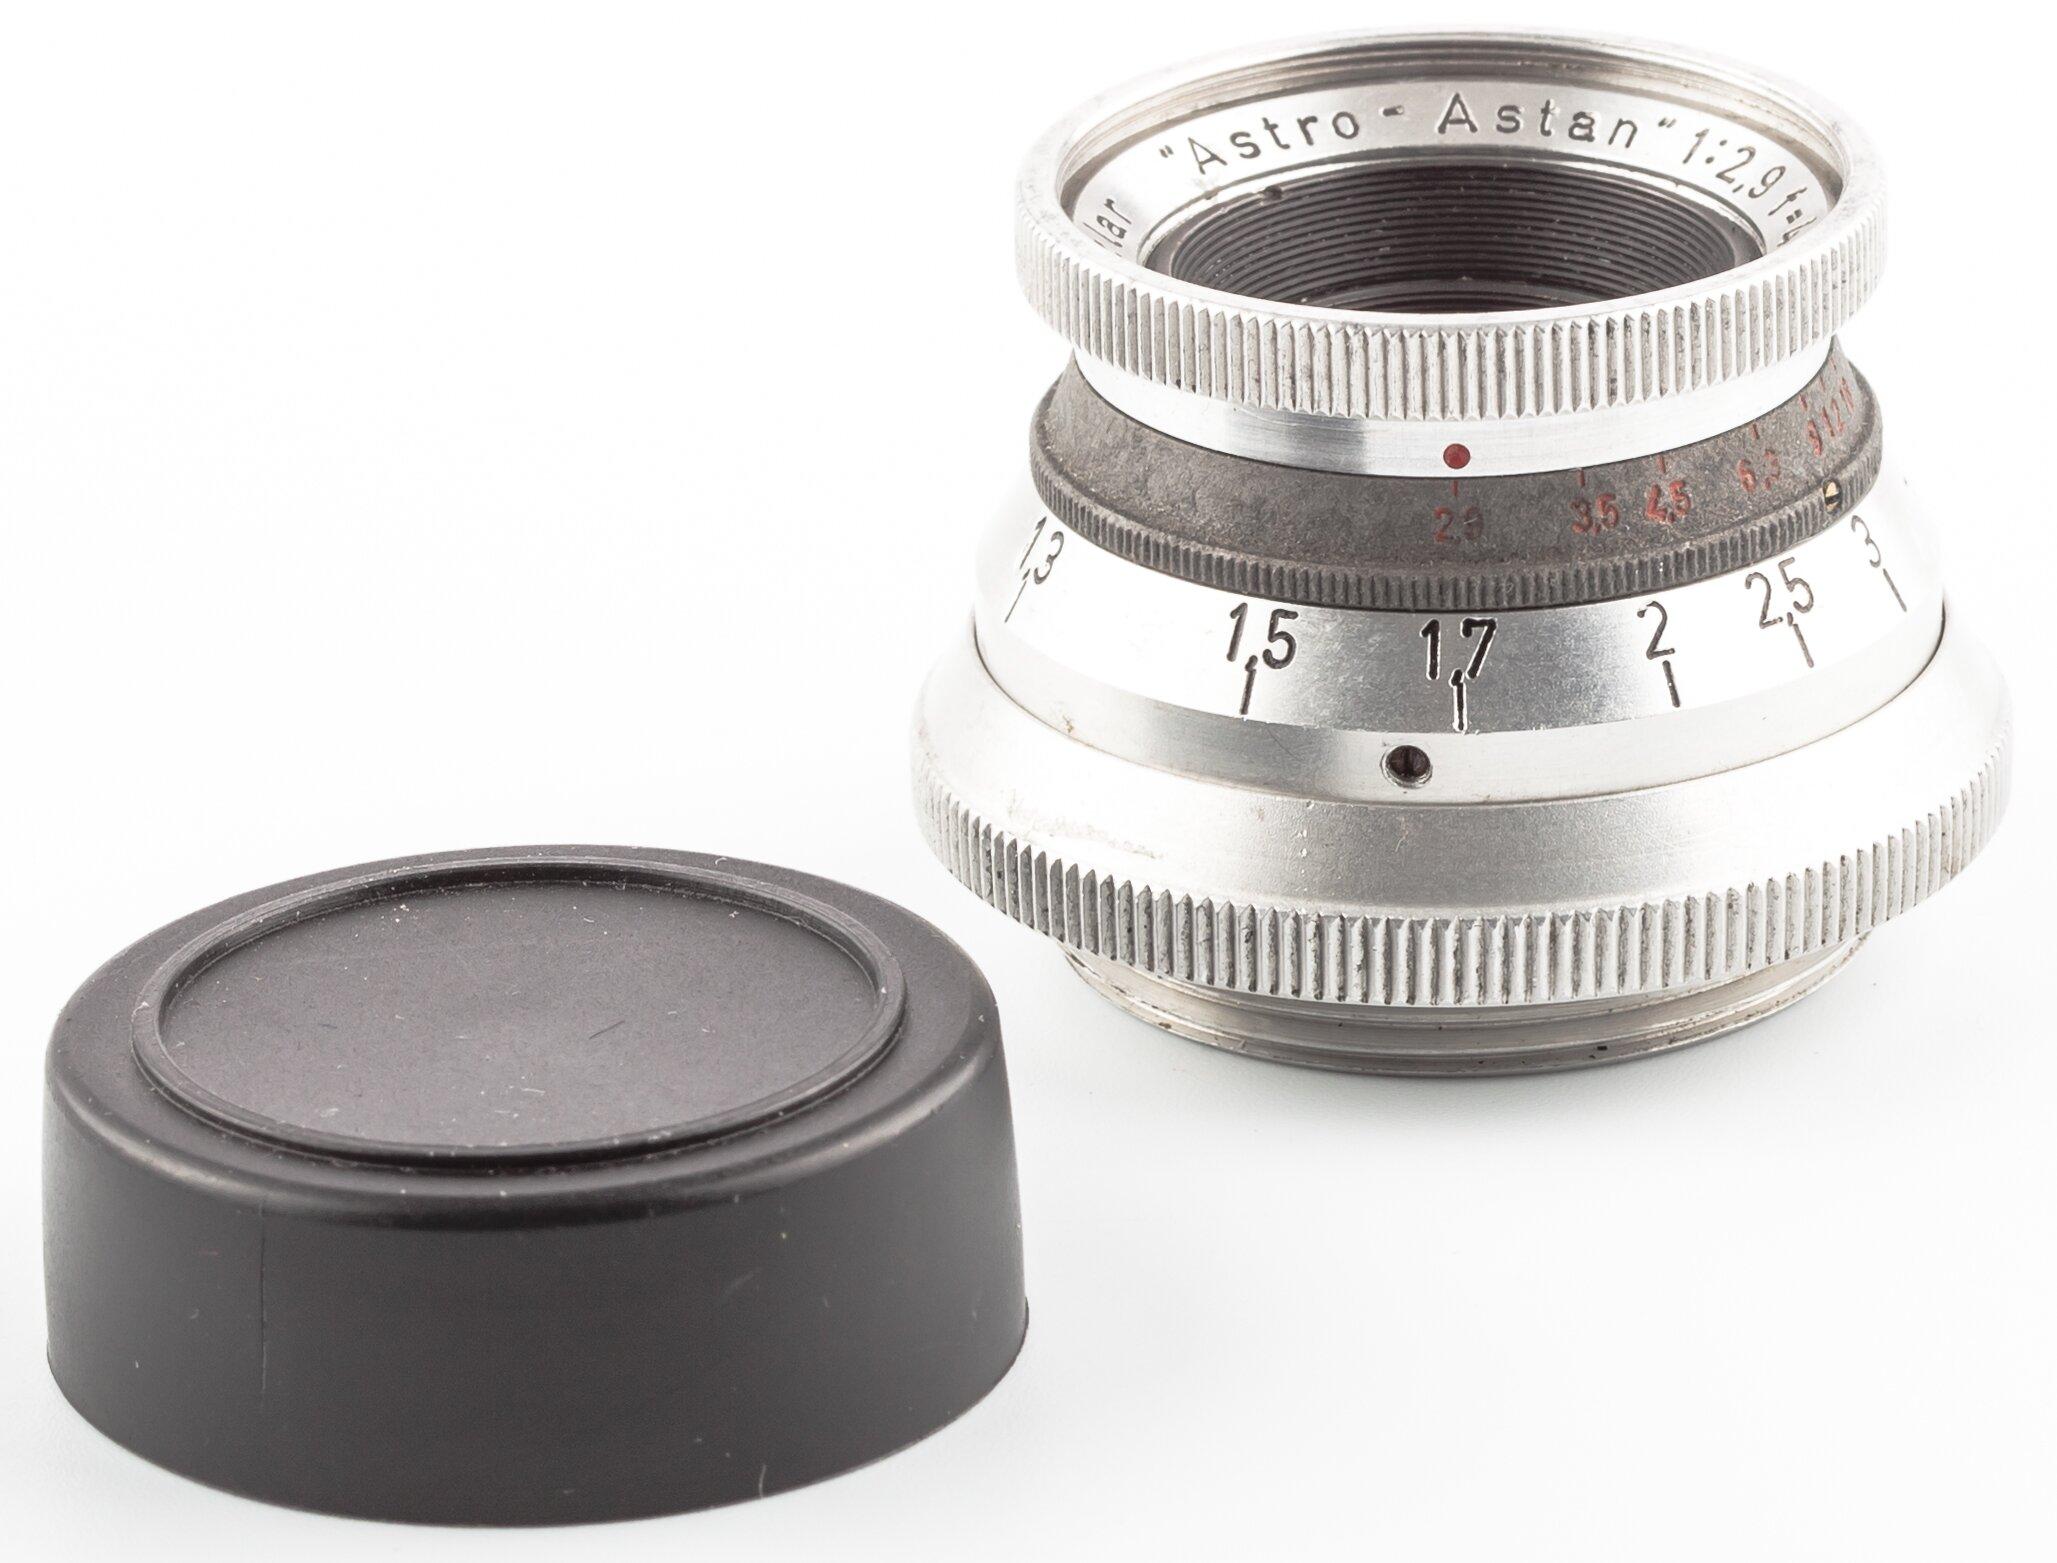 Rau-Optik 2,9/4,7cm Astro-Astan